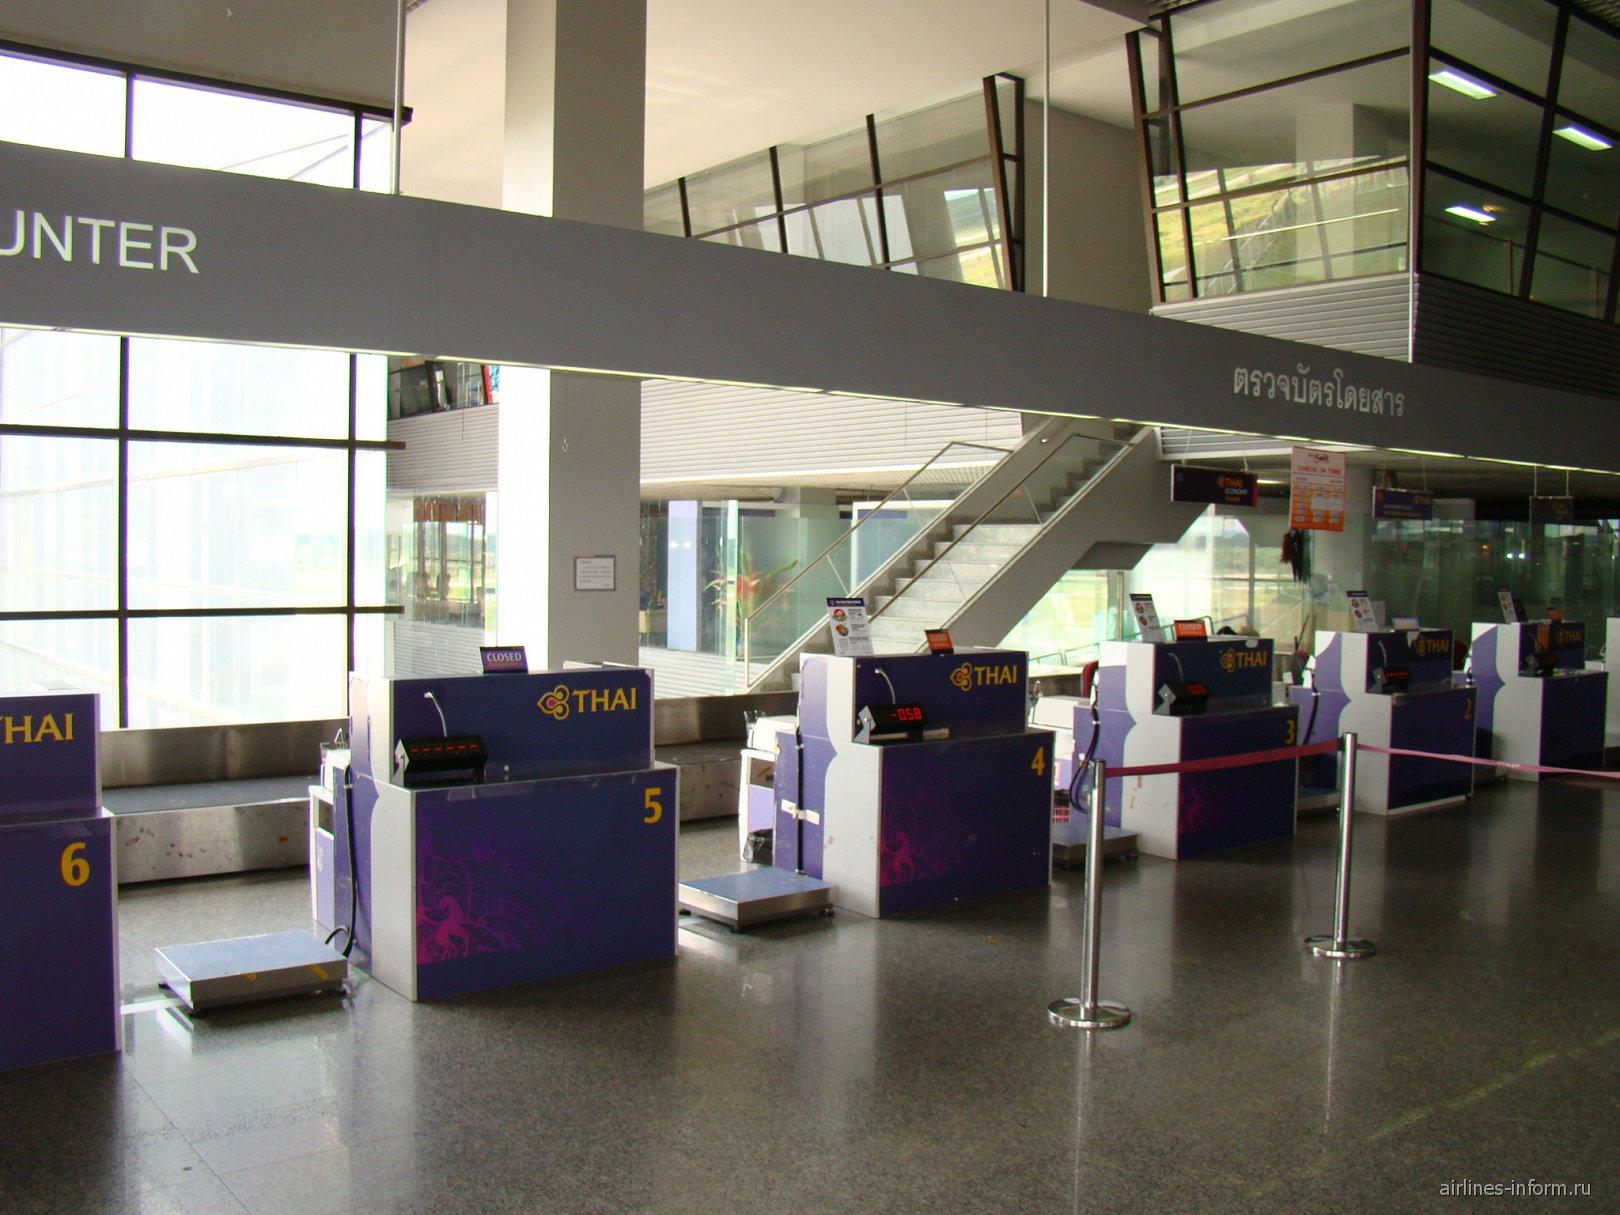 Стойки регистрации авиакомпании Thai Airways в аэропорту Краби